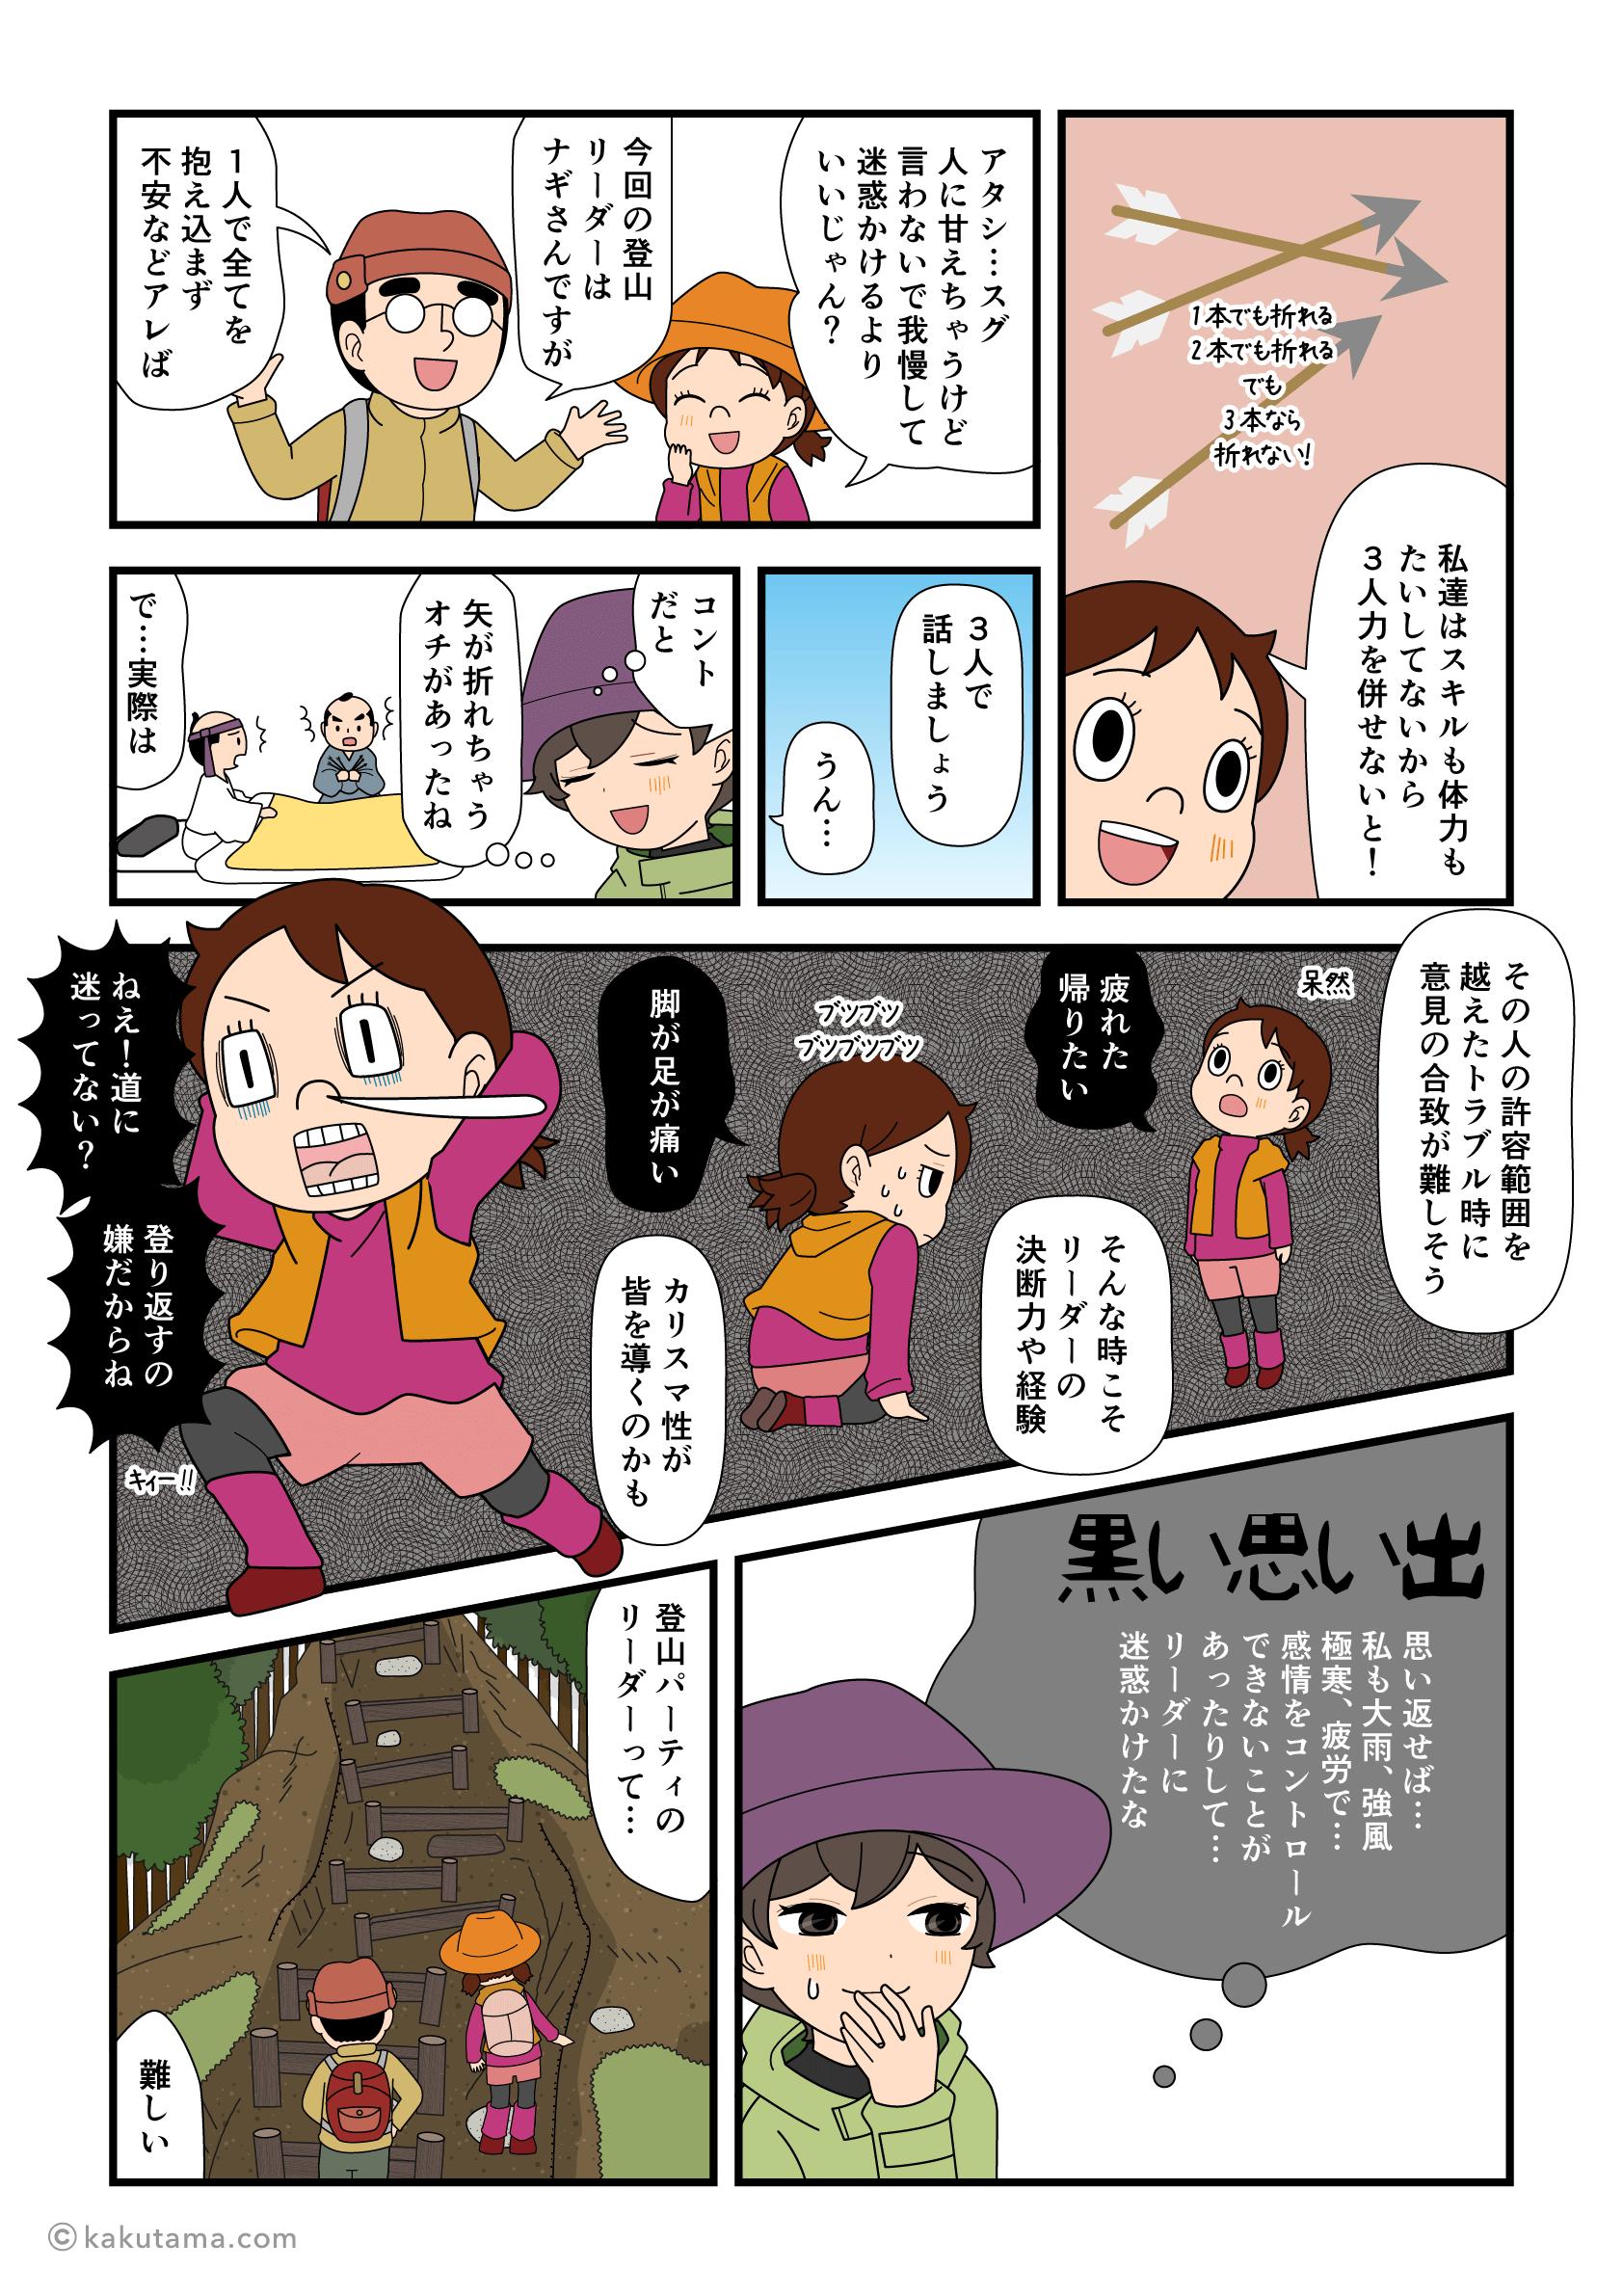 登山パーティのリーダーは難しいと思う登山者の漫画